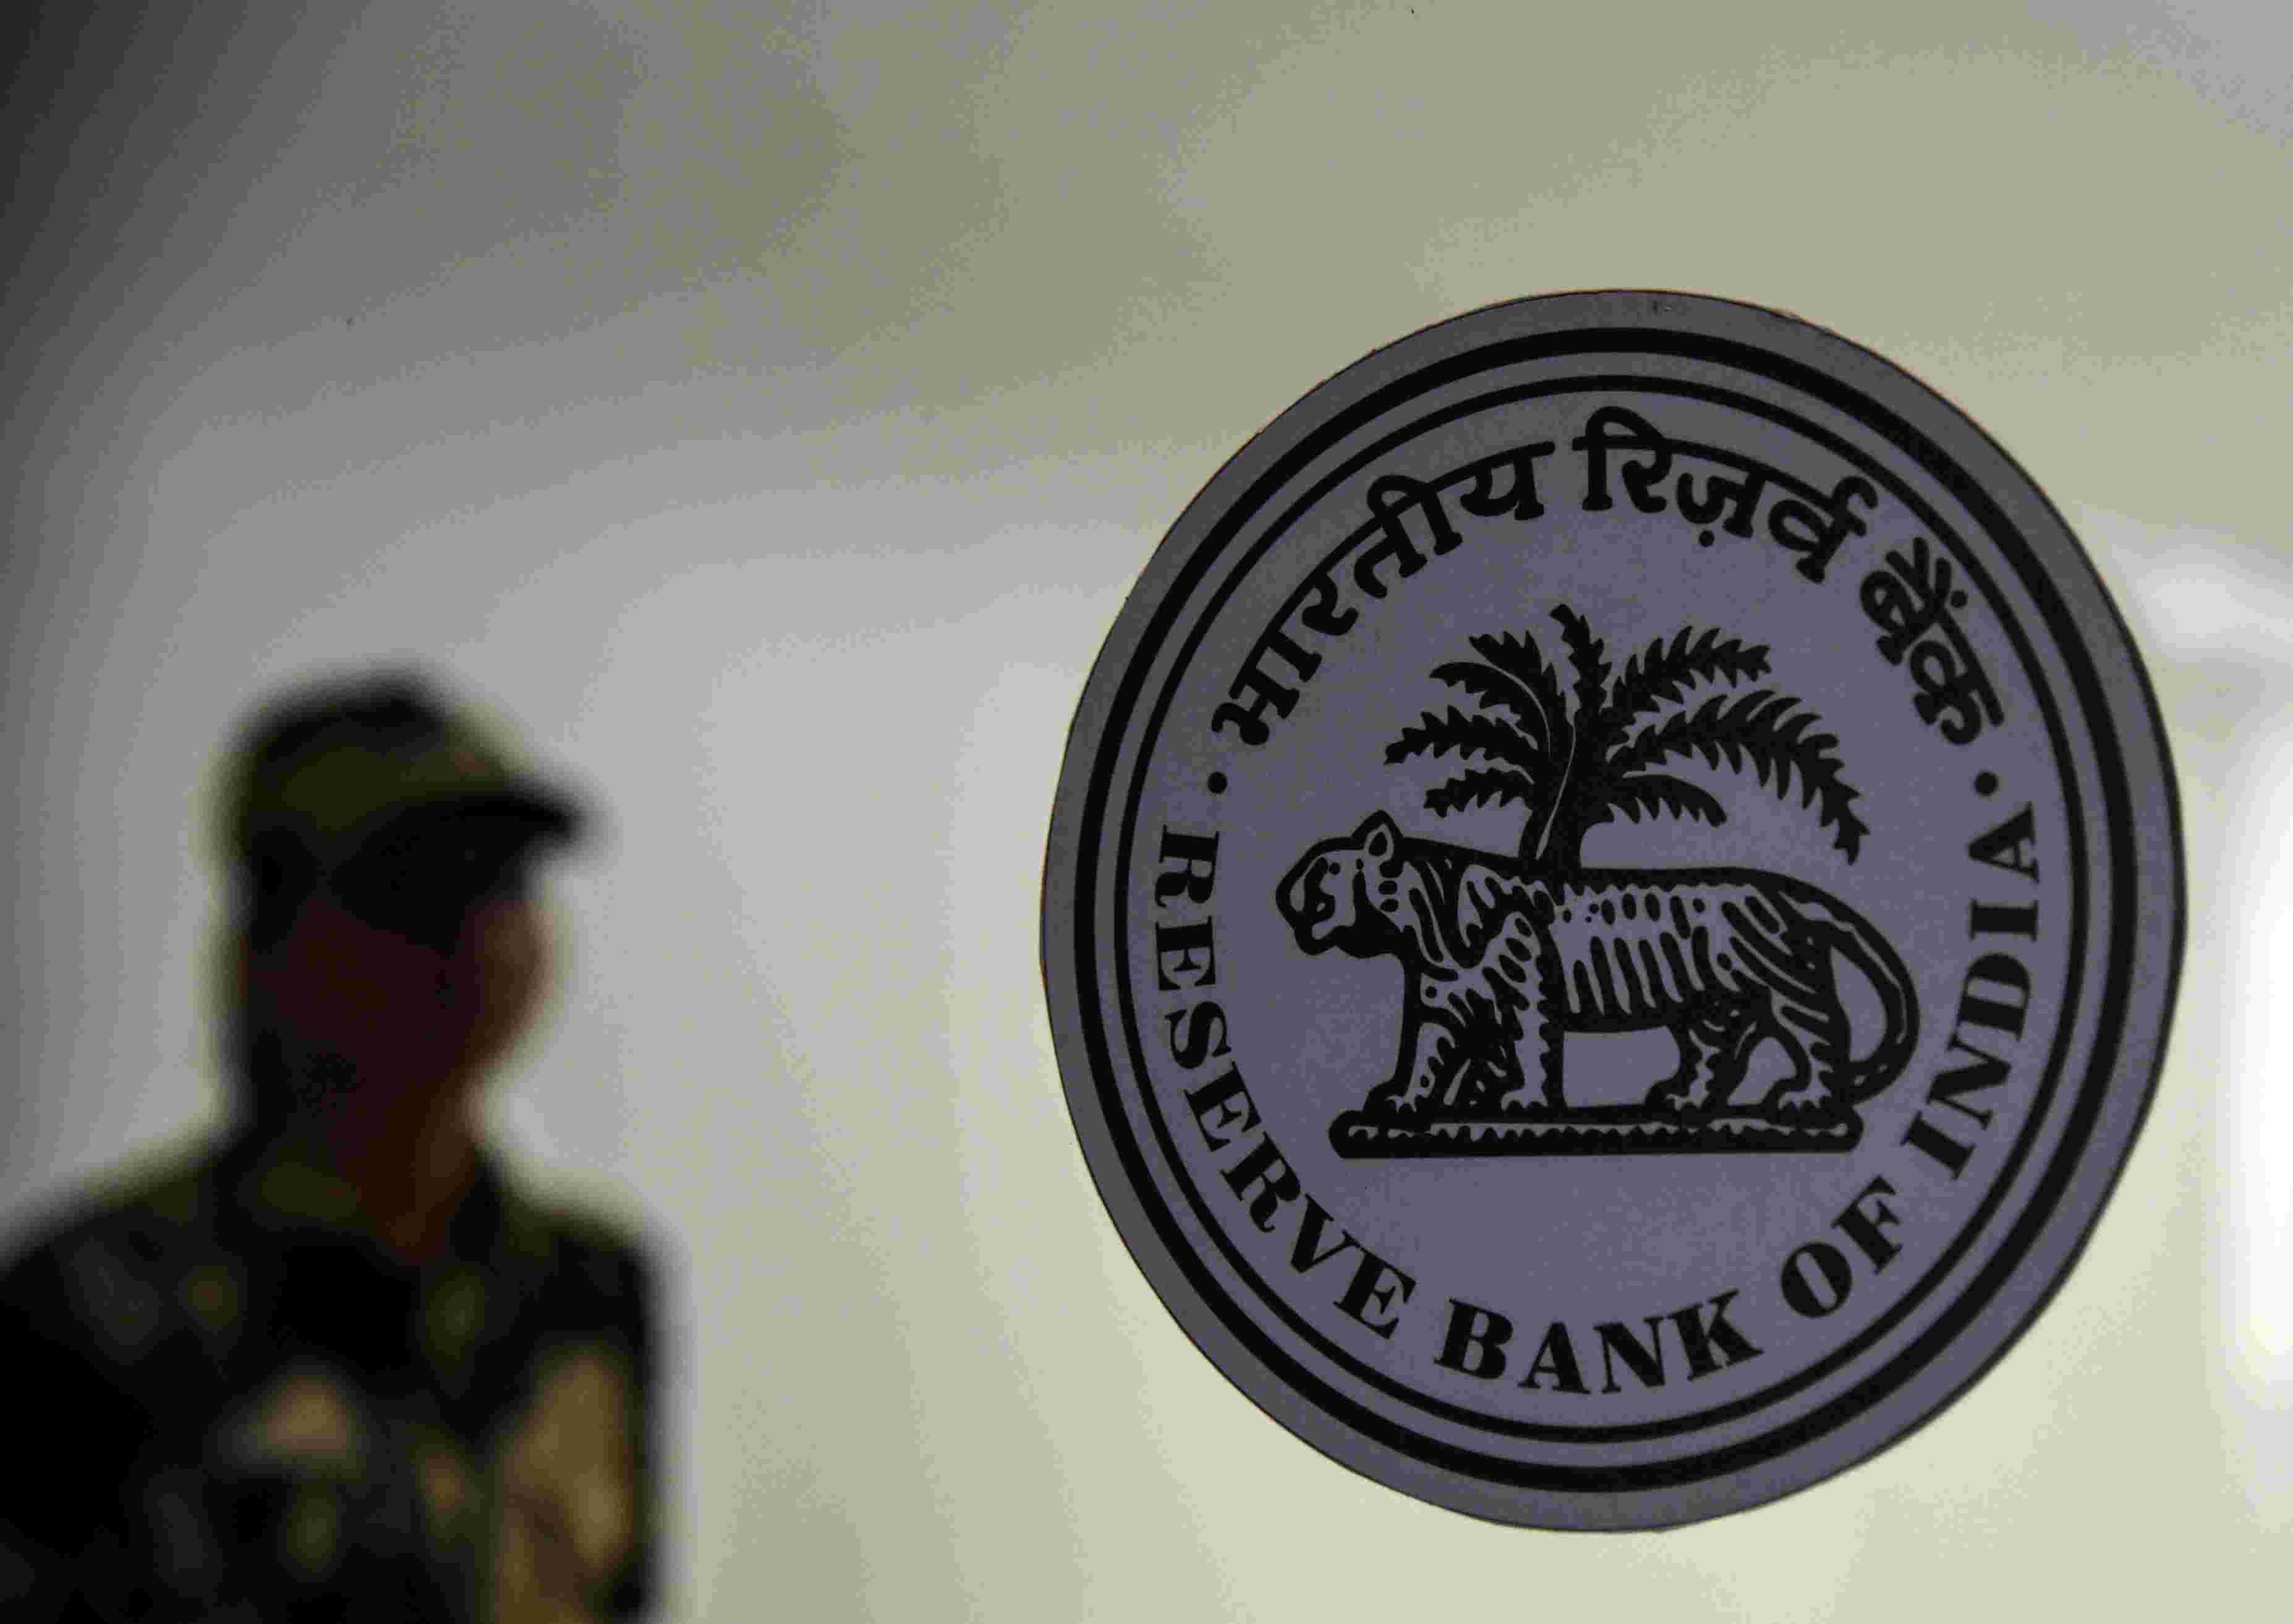 新华财经|印度央行警示非法数字借贷平台风险